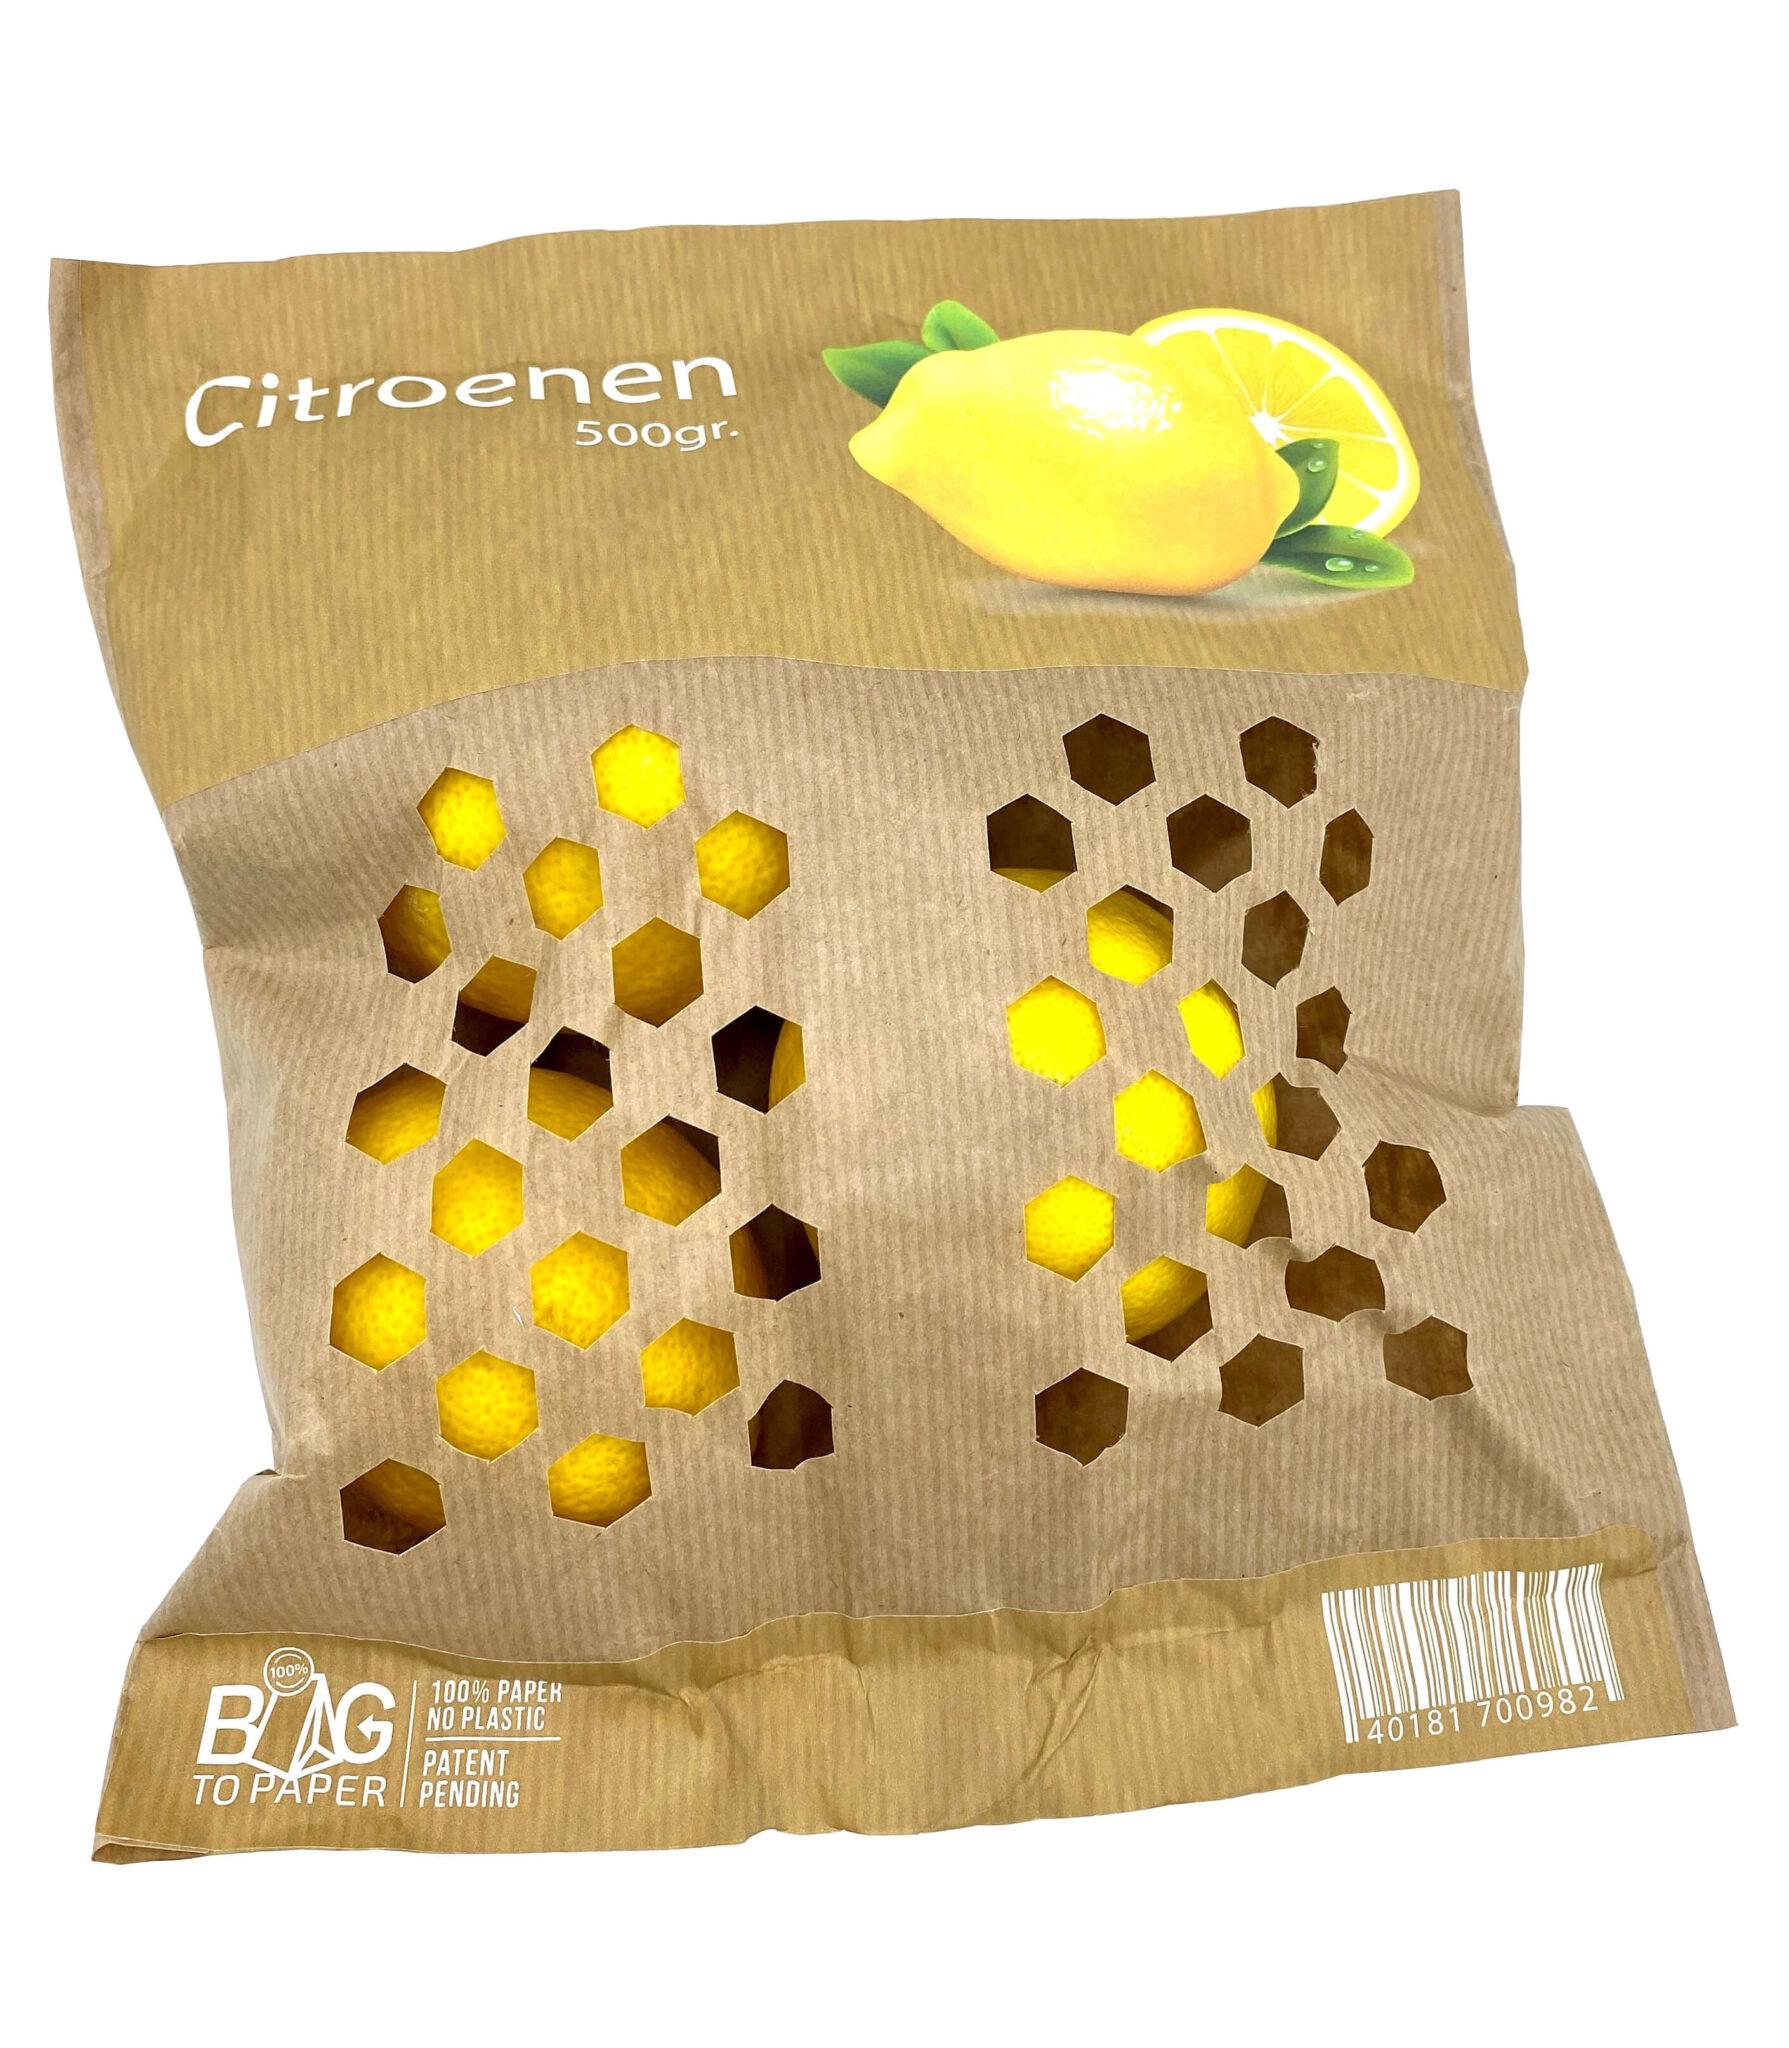 Papieren zak met citroenen